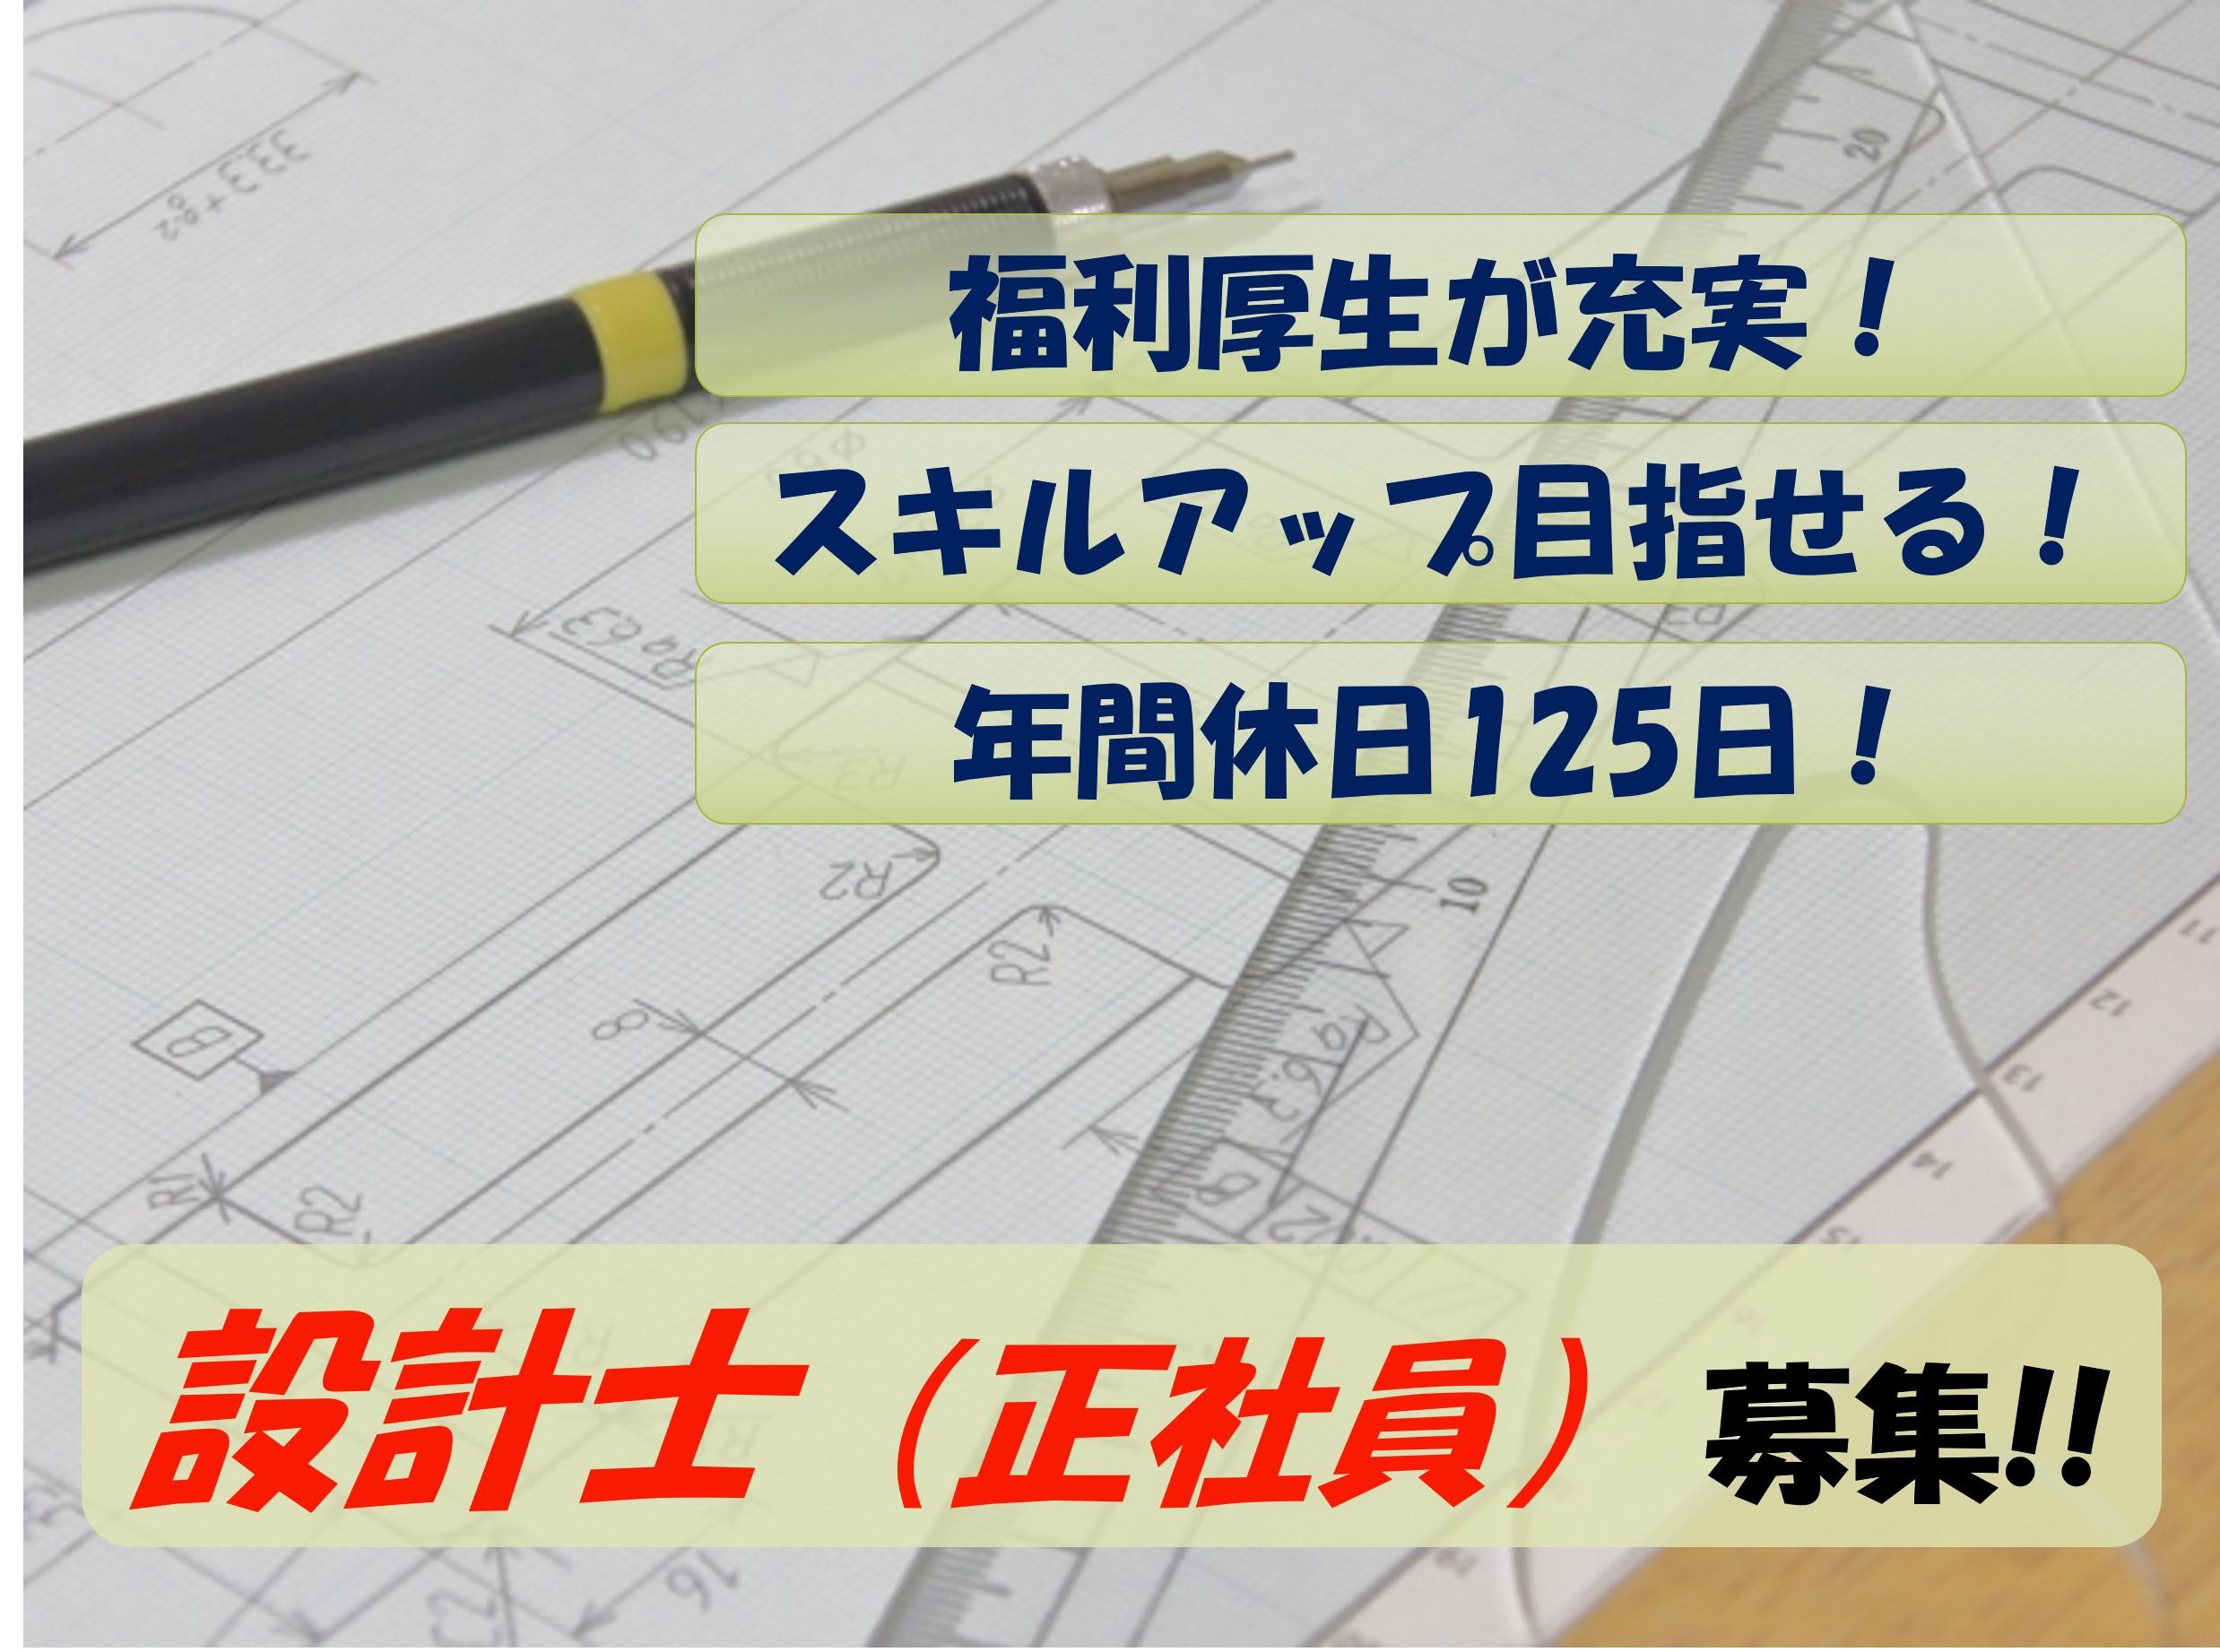 【急募】充実の福利厚生!完全週休二日制!設計士募集 イメージ